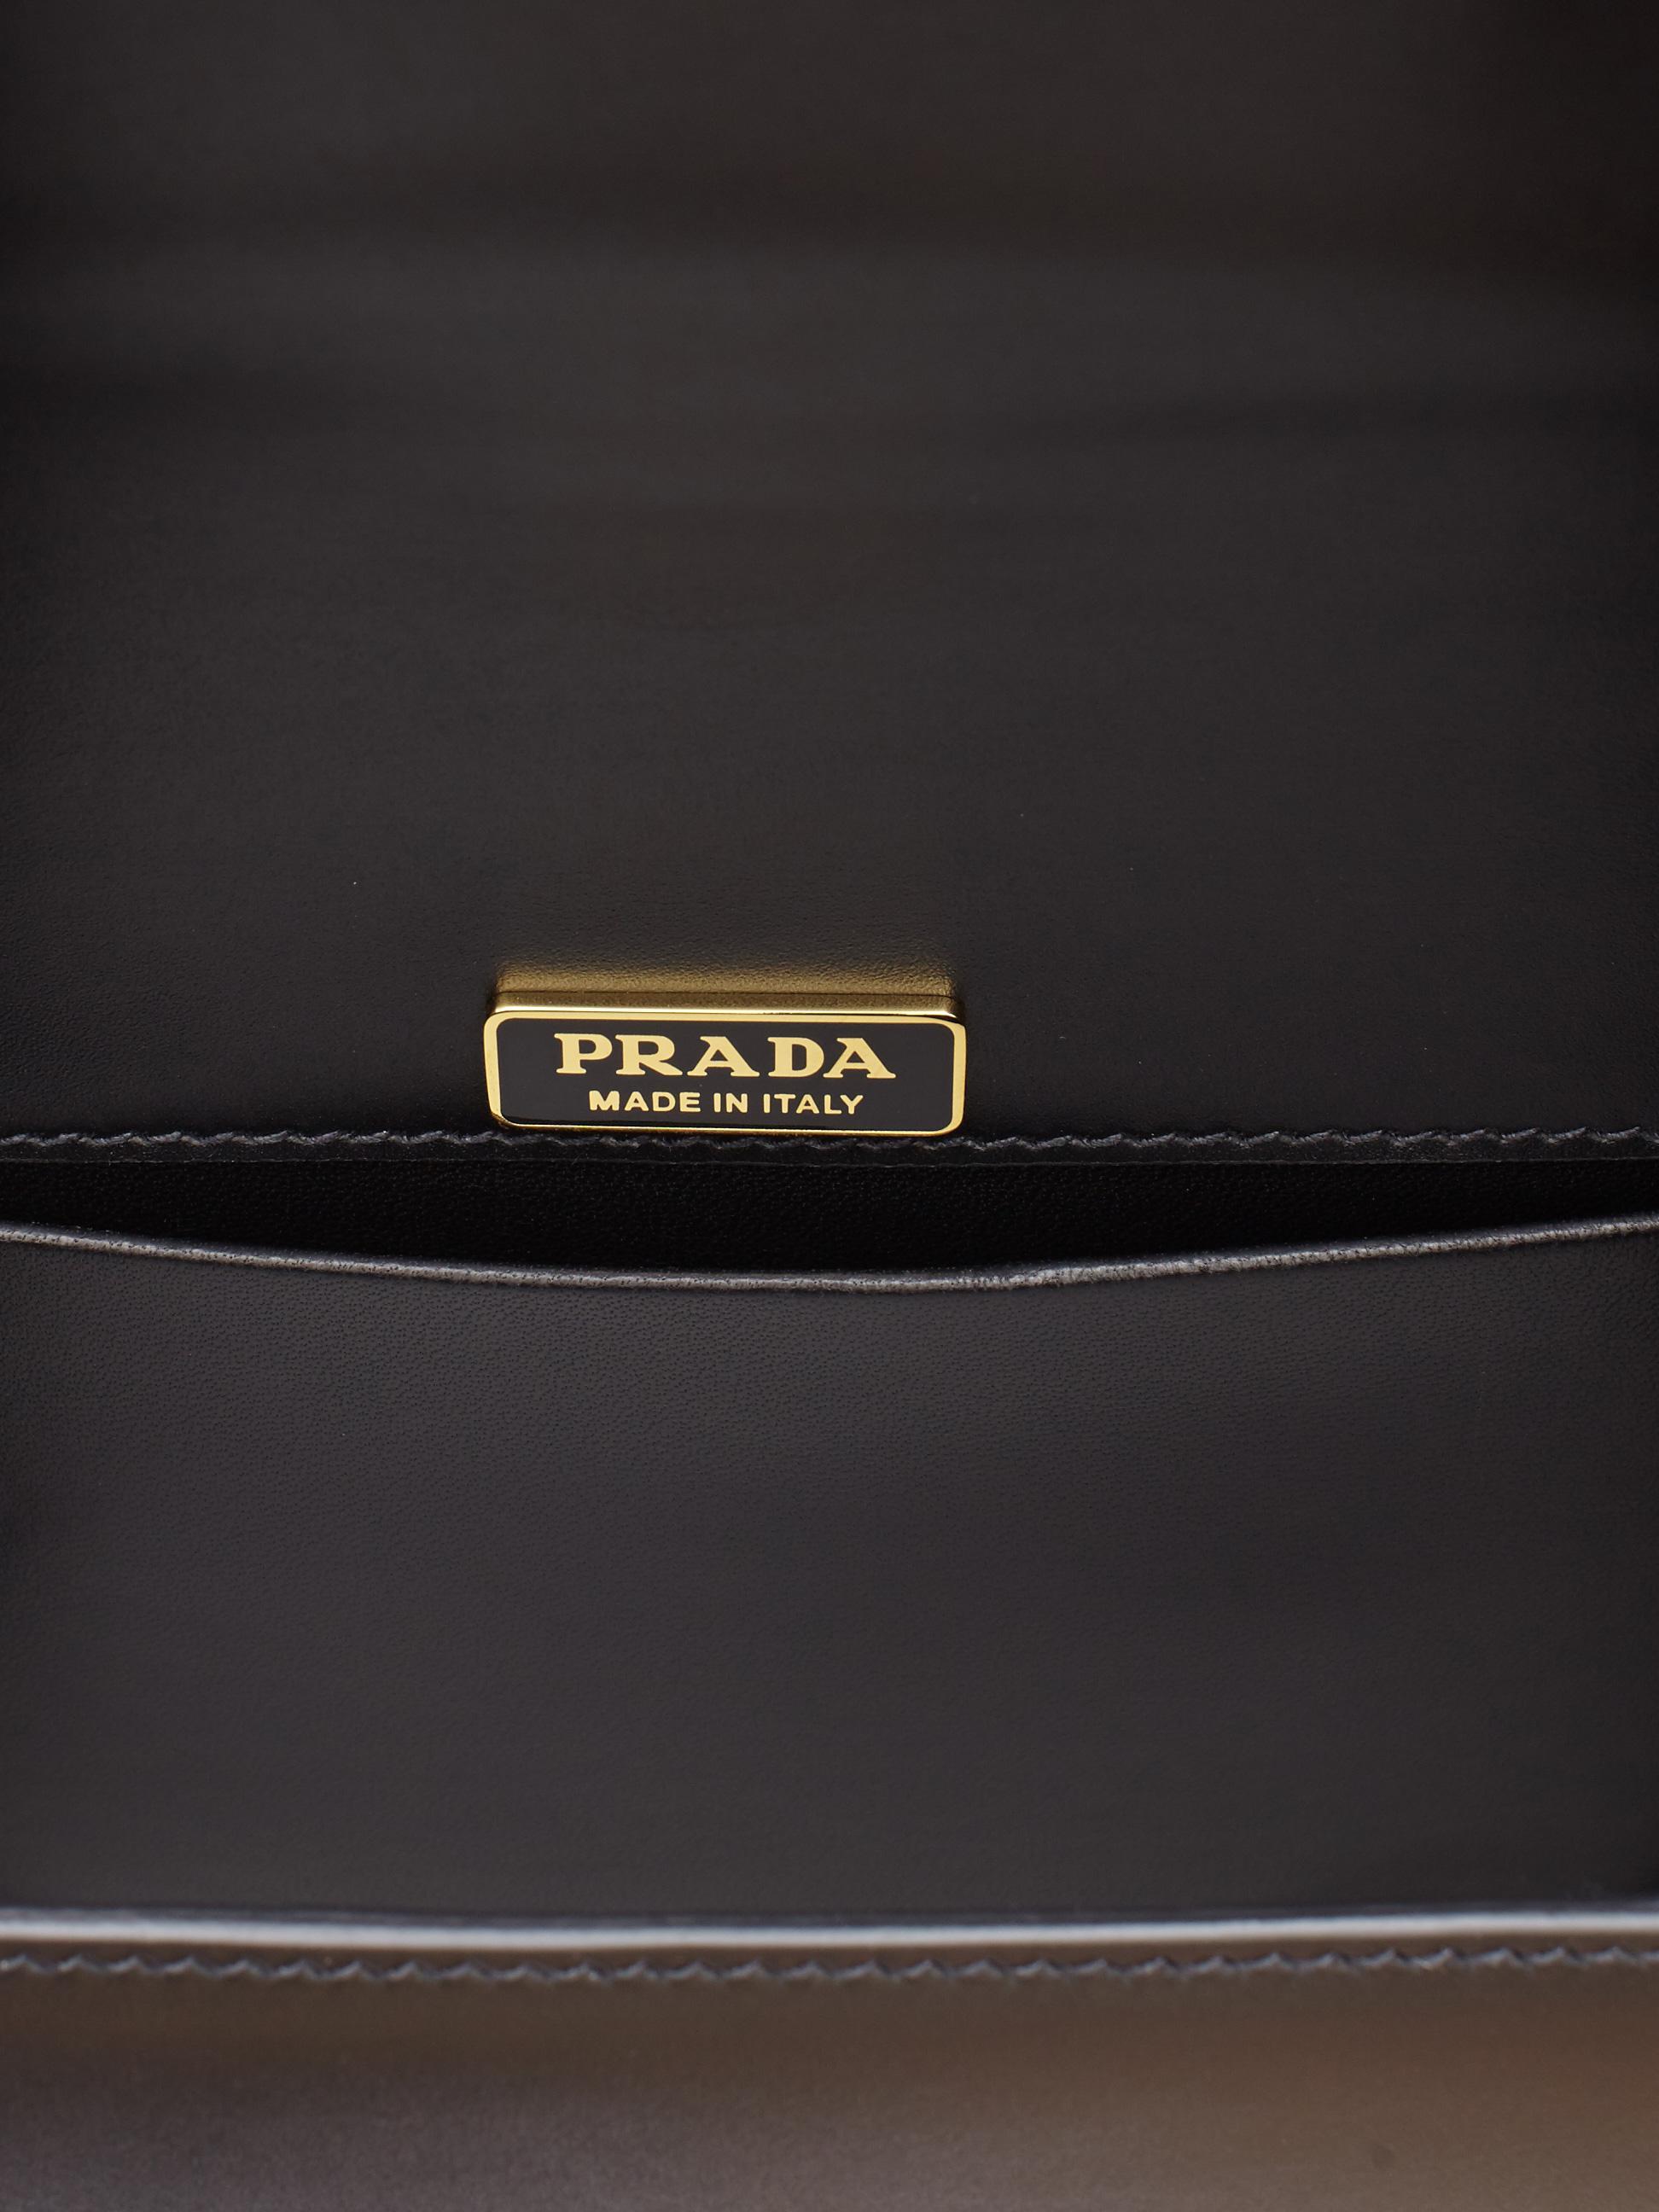 455d1b46f1dd ... norway lyst prada cahier lion head leather bag in black 2fce8 7a408